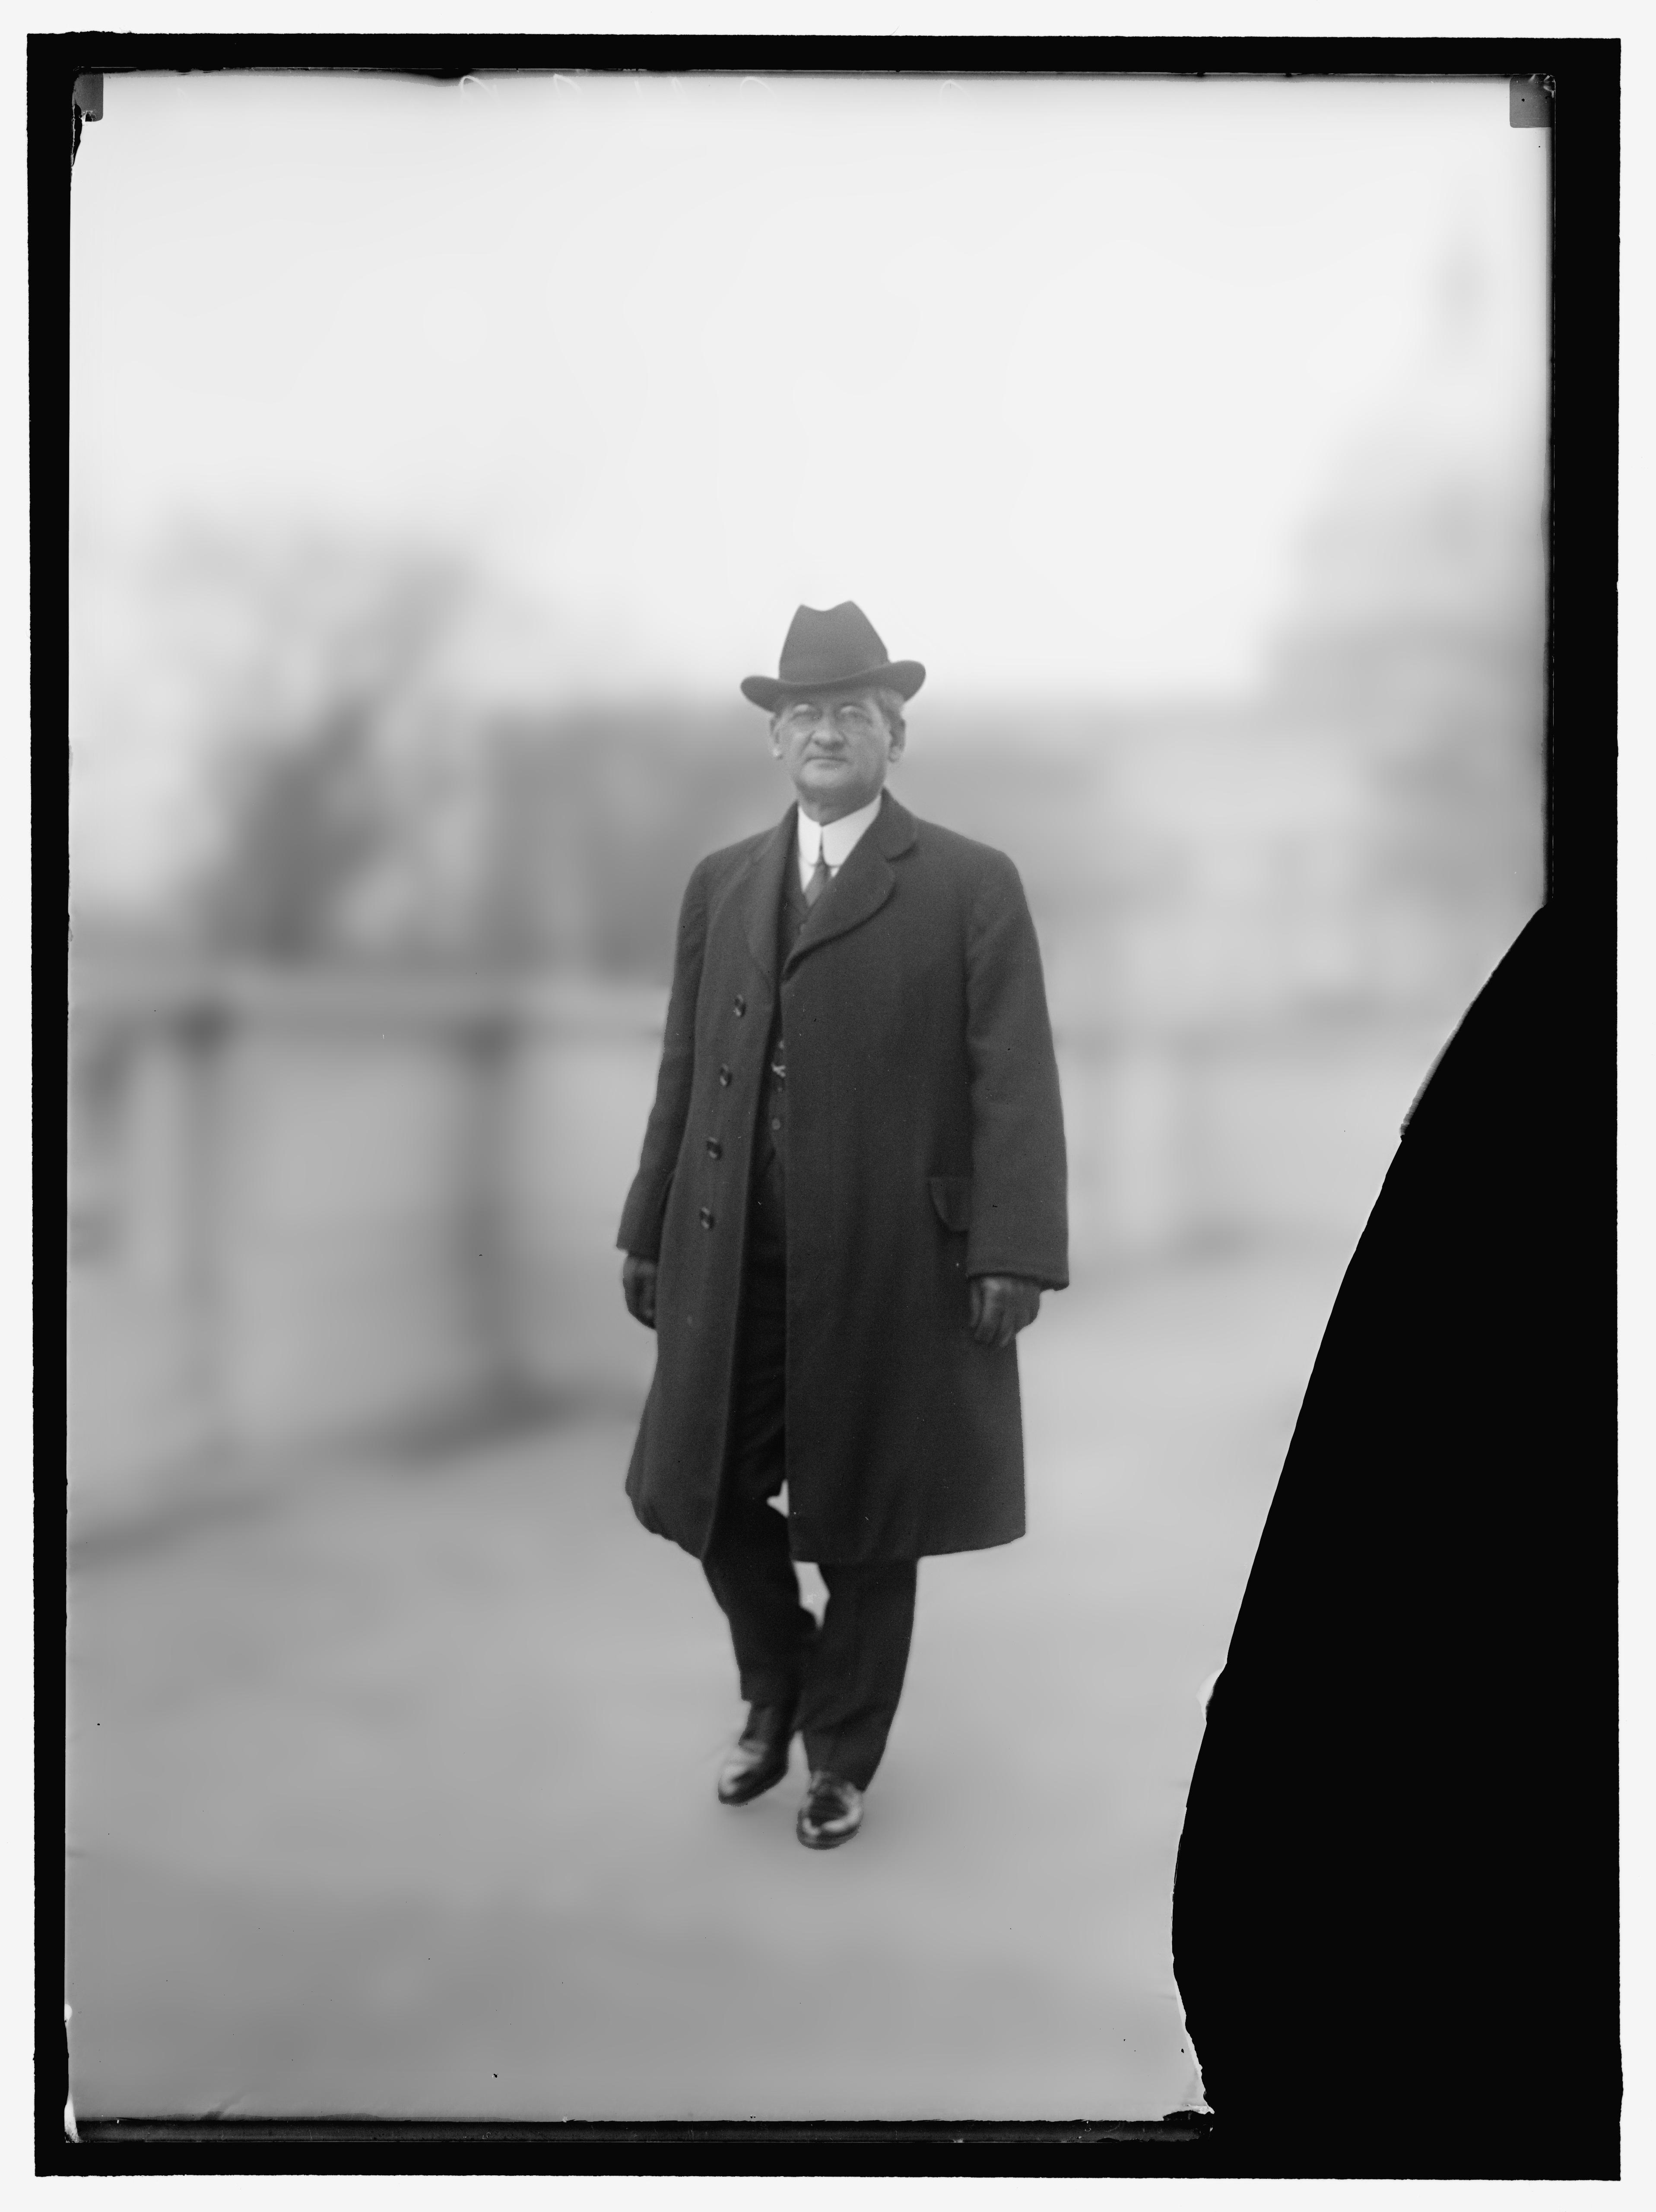 Robert Foligny Broussar